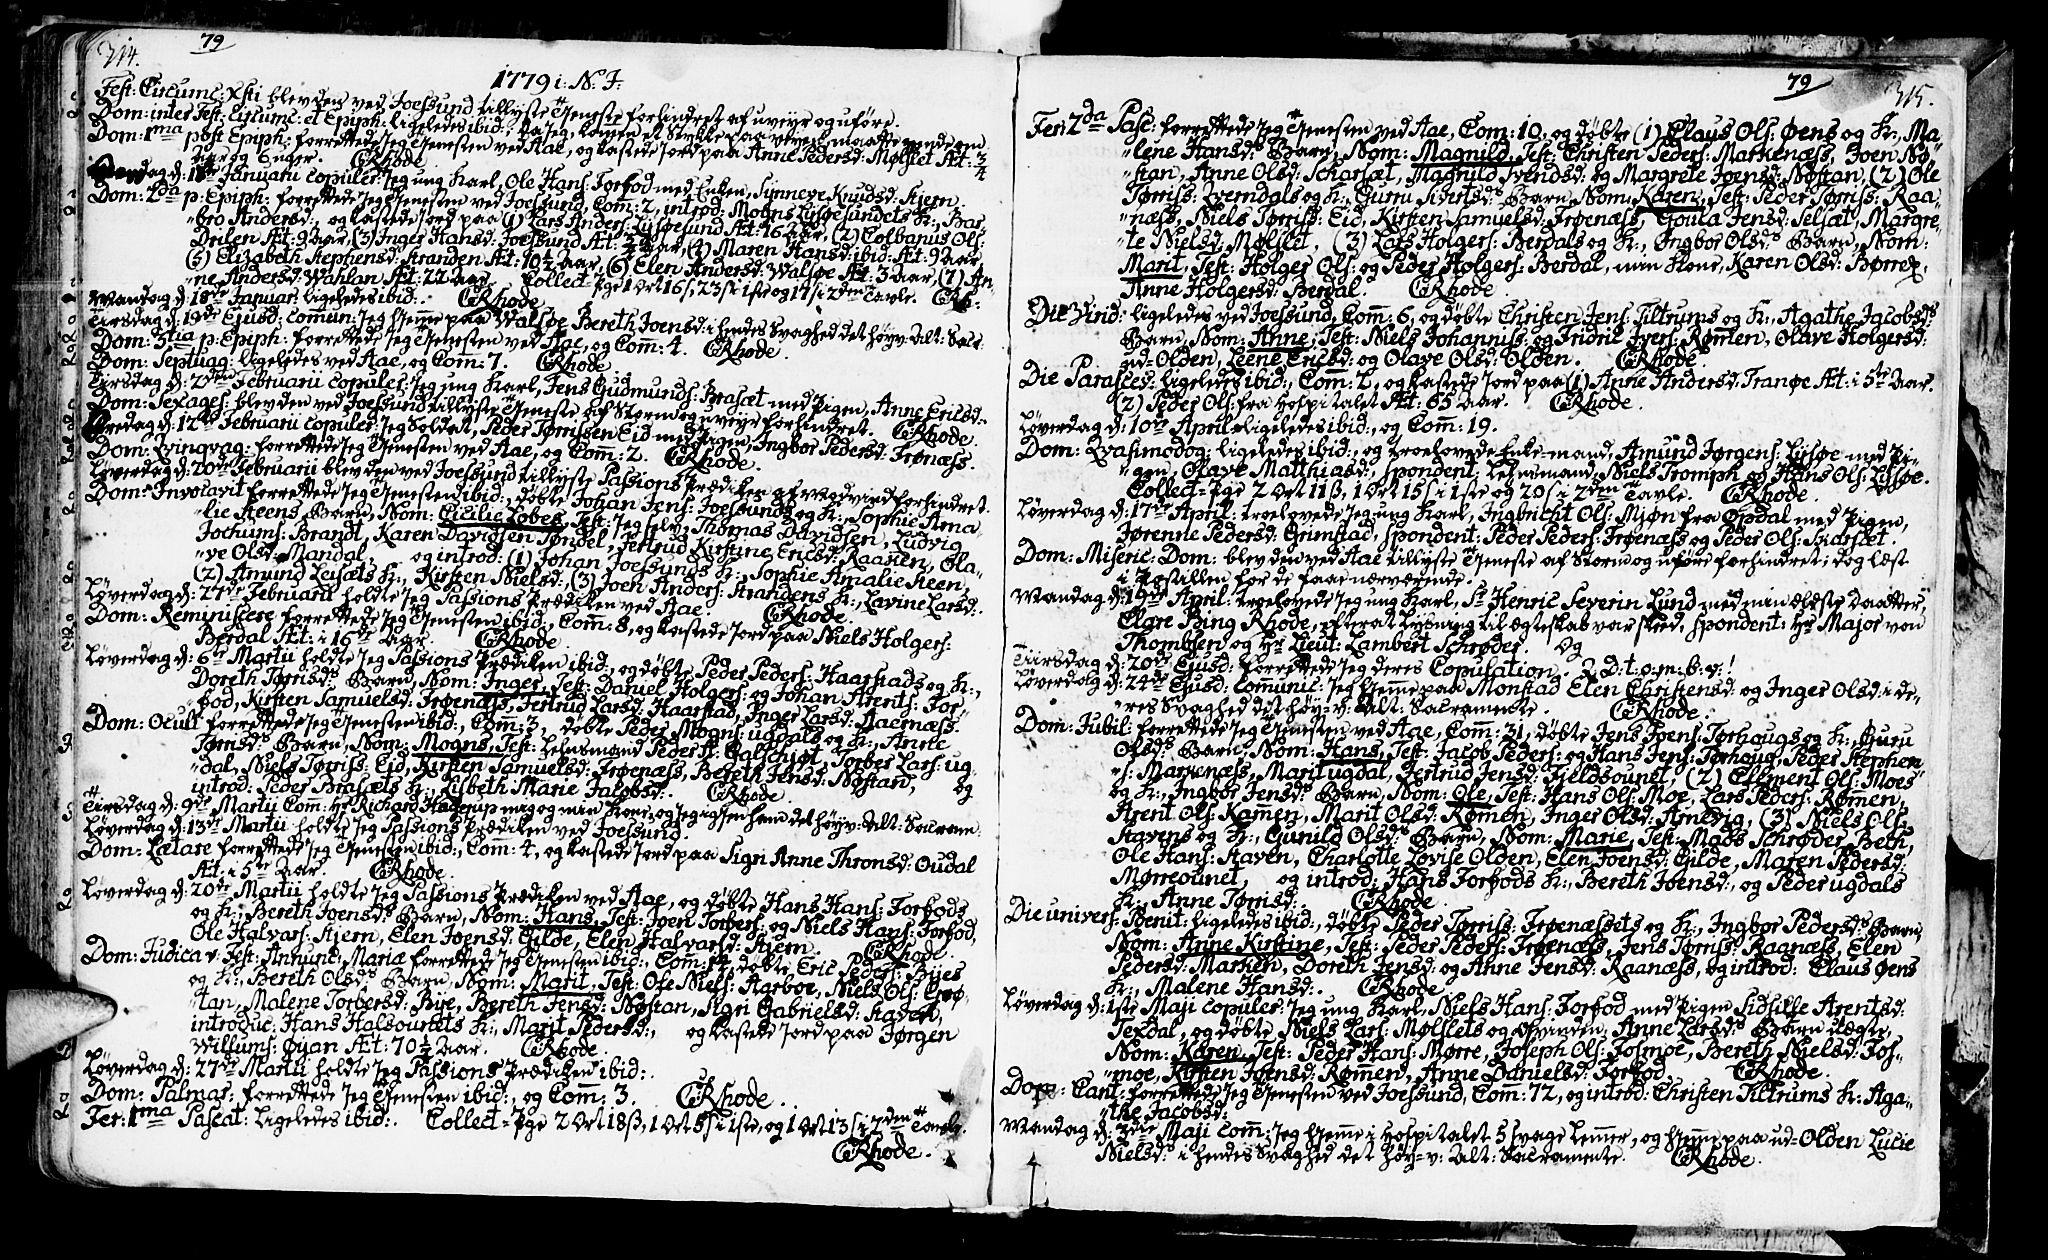 SAT, Ministerialprotokoller, klokkerbøker og fødselsregistre - Sør-Trøndelag, 655/L0672: Ministerialbok nr. 655A01, 1750-1779, s. 314-315